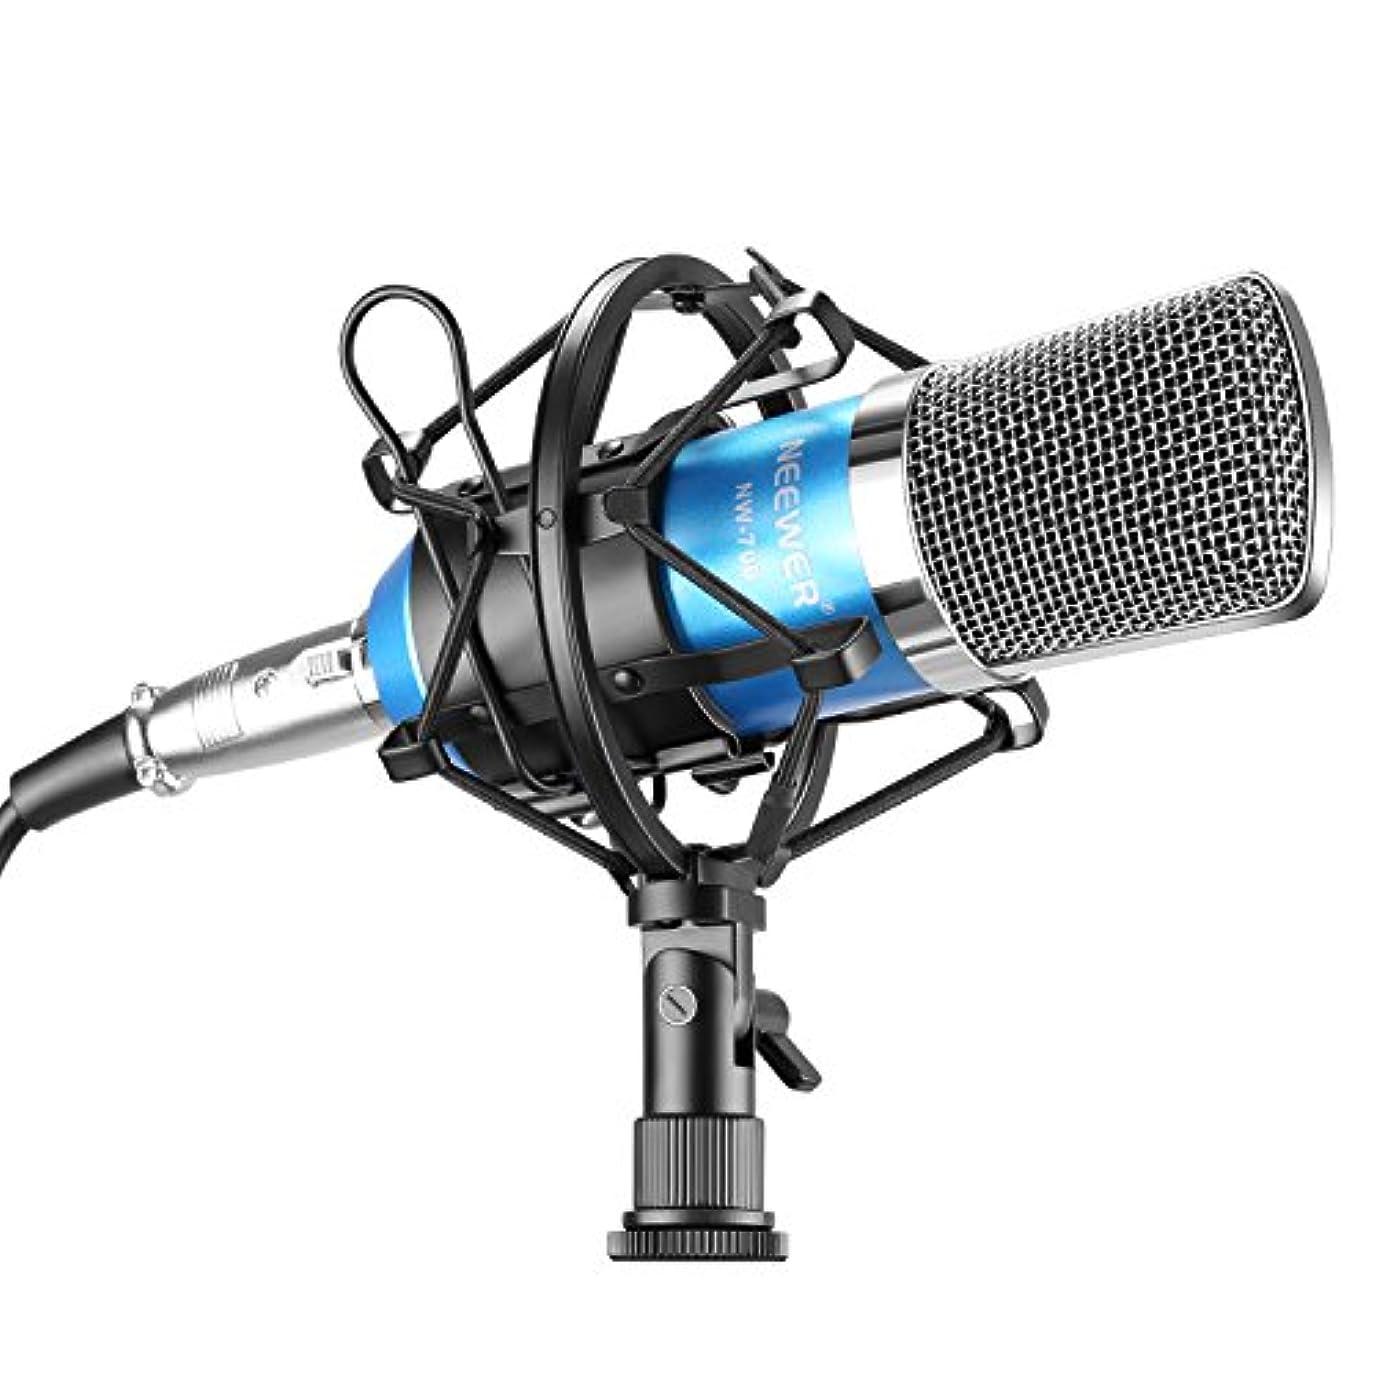 タブレット南切手Neewer® NW-700 プロ コンデンサーマイクセット スタジオ放送?レコーディング用セット内容:(1)NW-700コンデンサーマイク(ブルー)+(1)マイク ショックマウント+(1)マイク風防+(1)マイク ケーブル